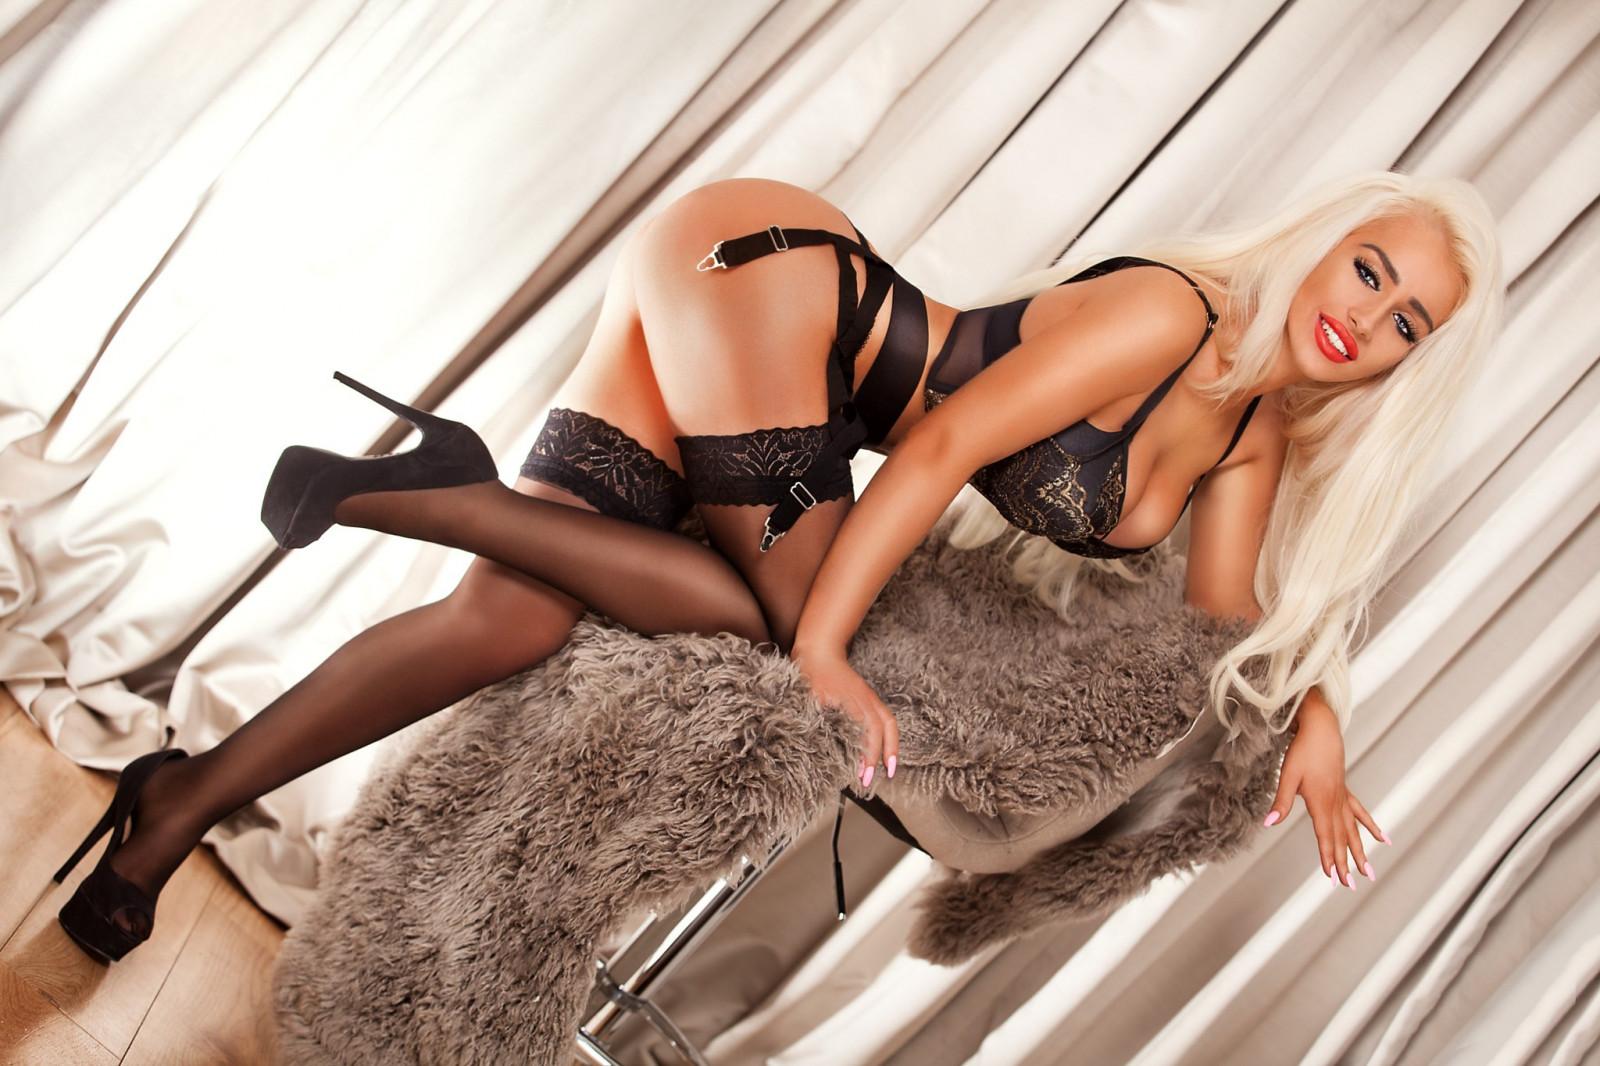 механические секс фотосессии блондинок в чулках кровати накаченным негром